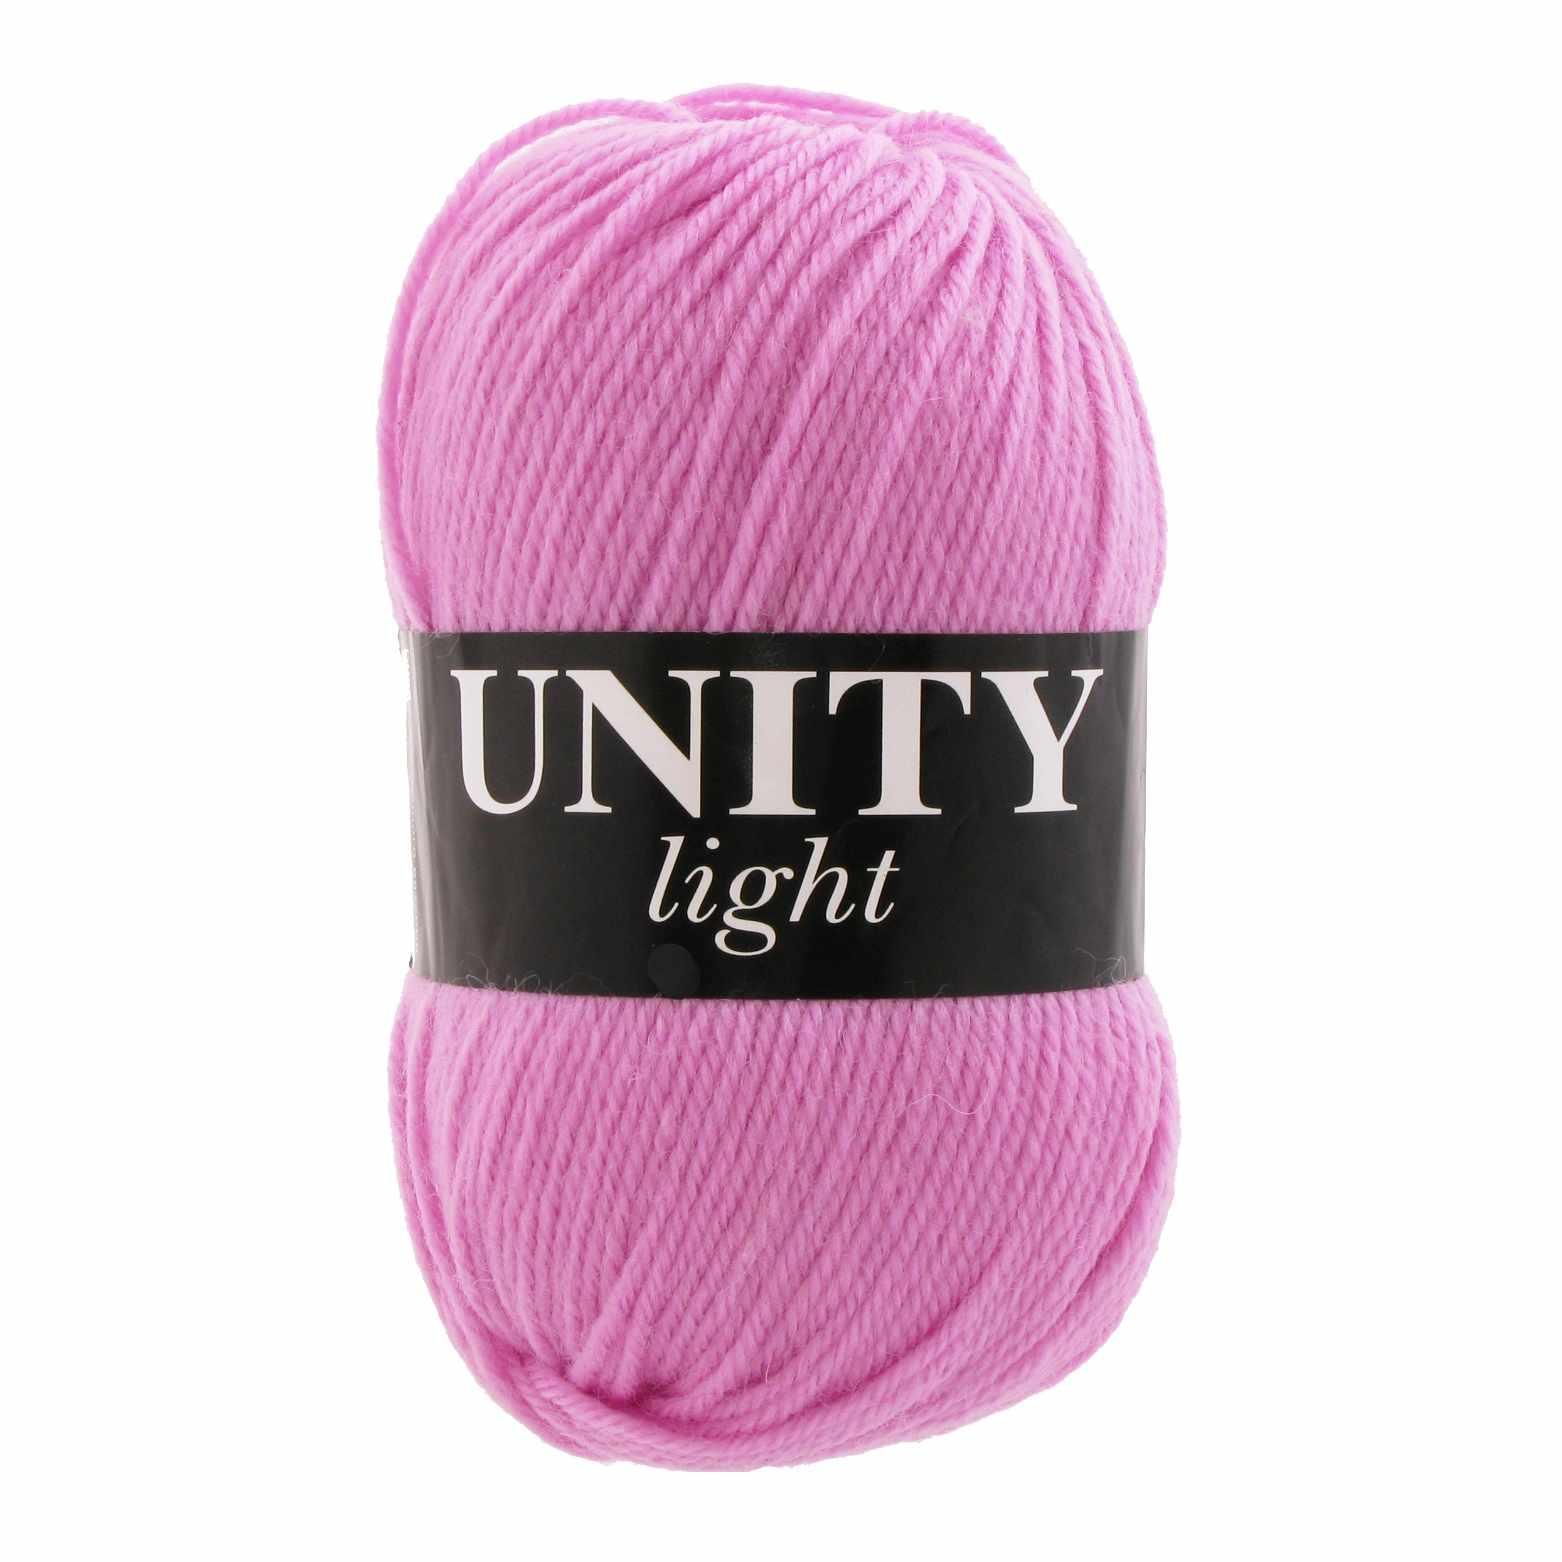 Пряжа VITA Unity light Цвет.6028 Розовый